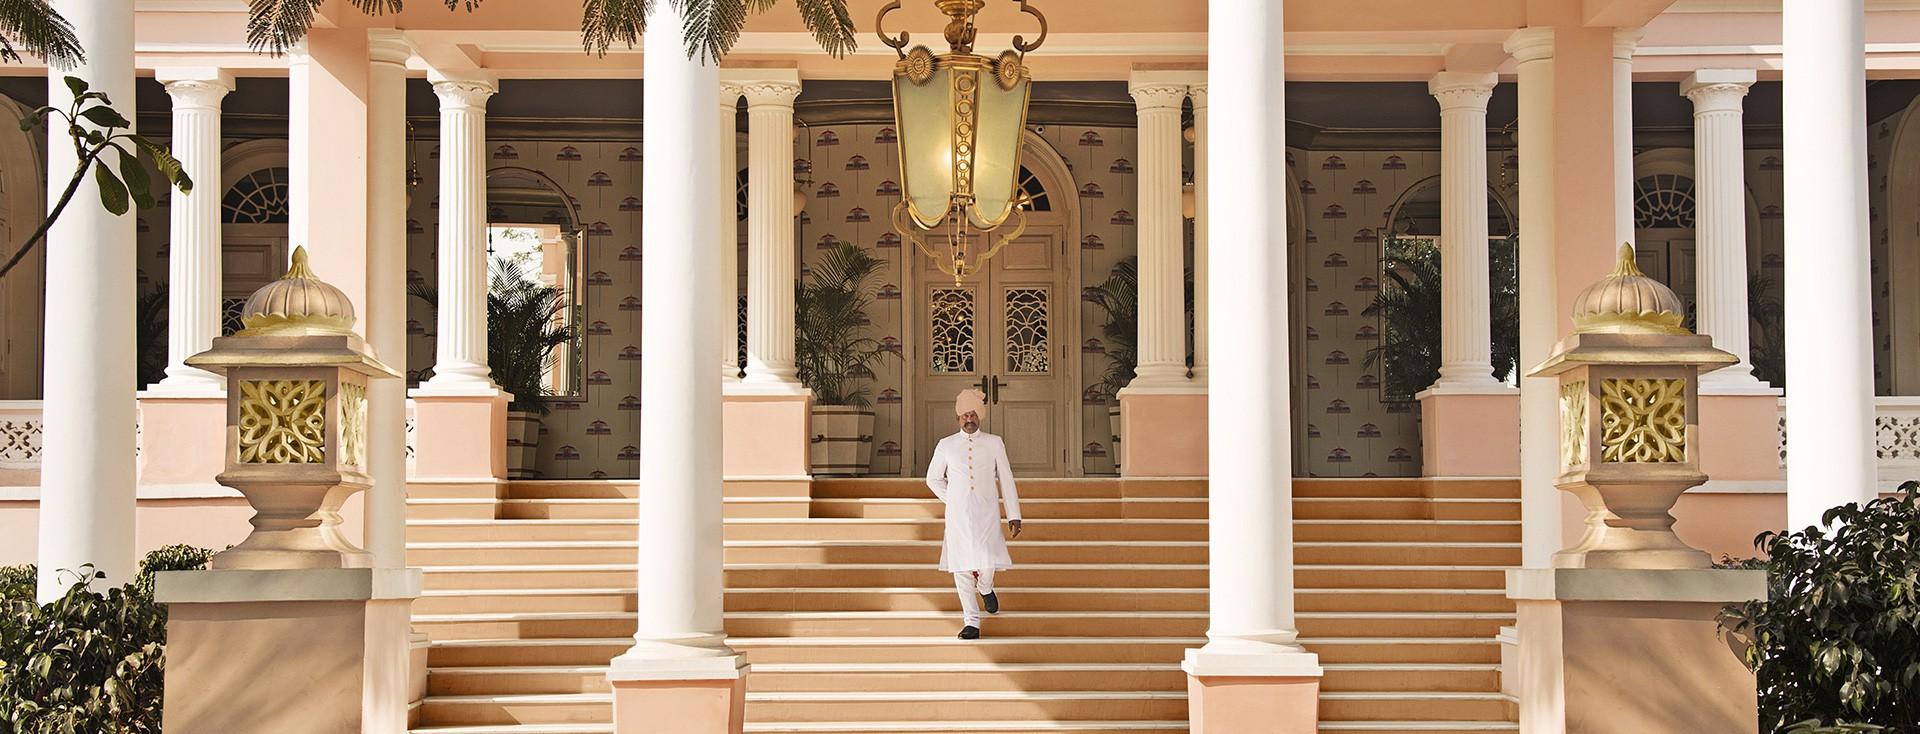 Rajmahal Palace